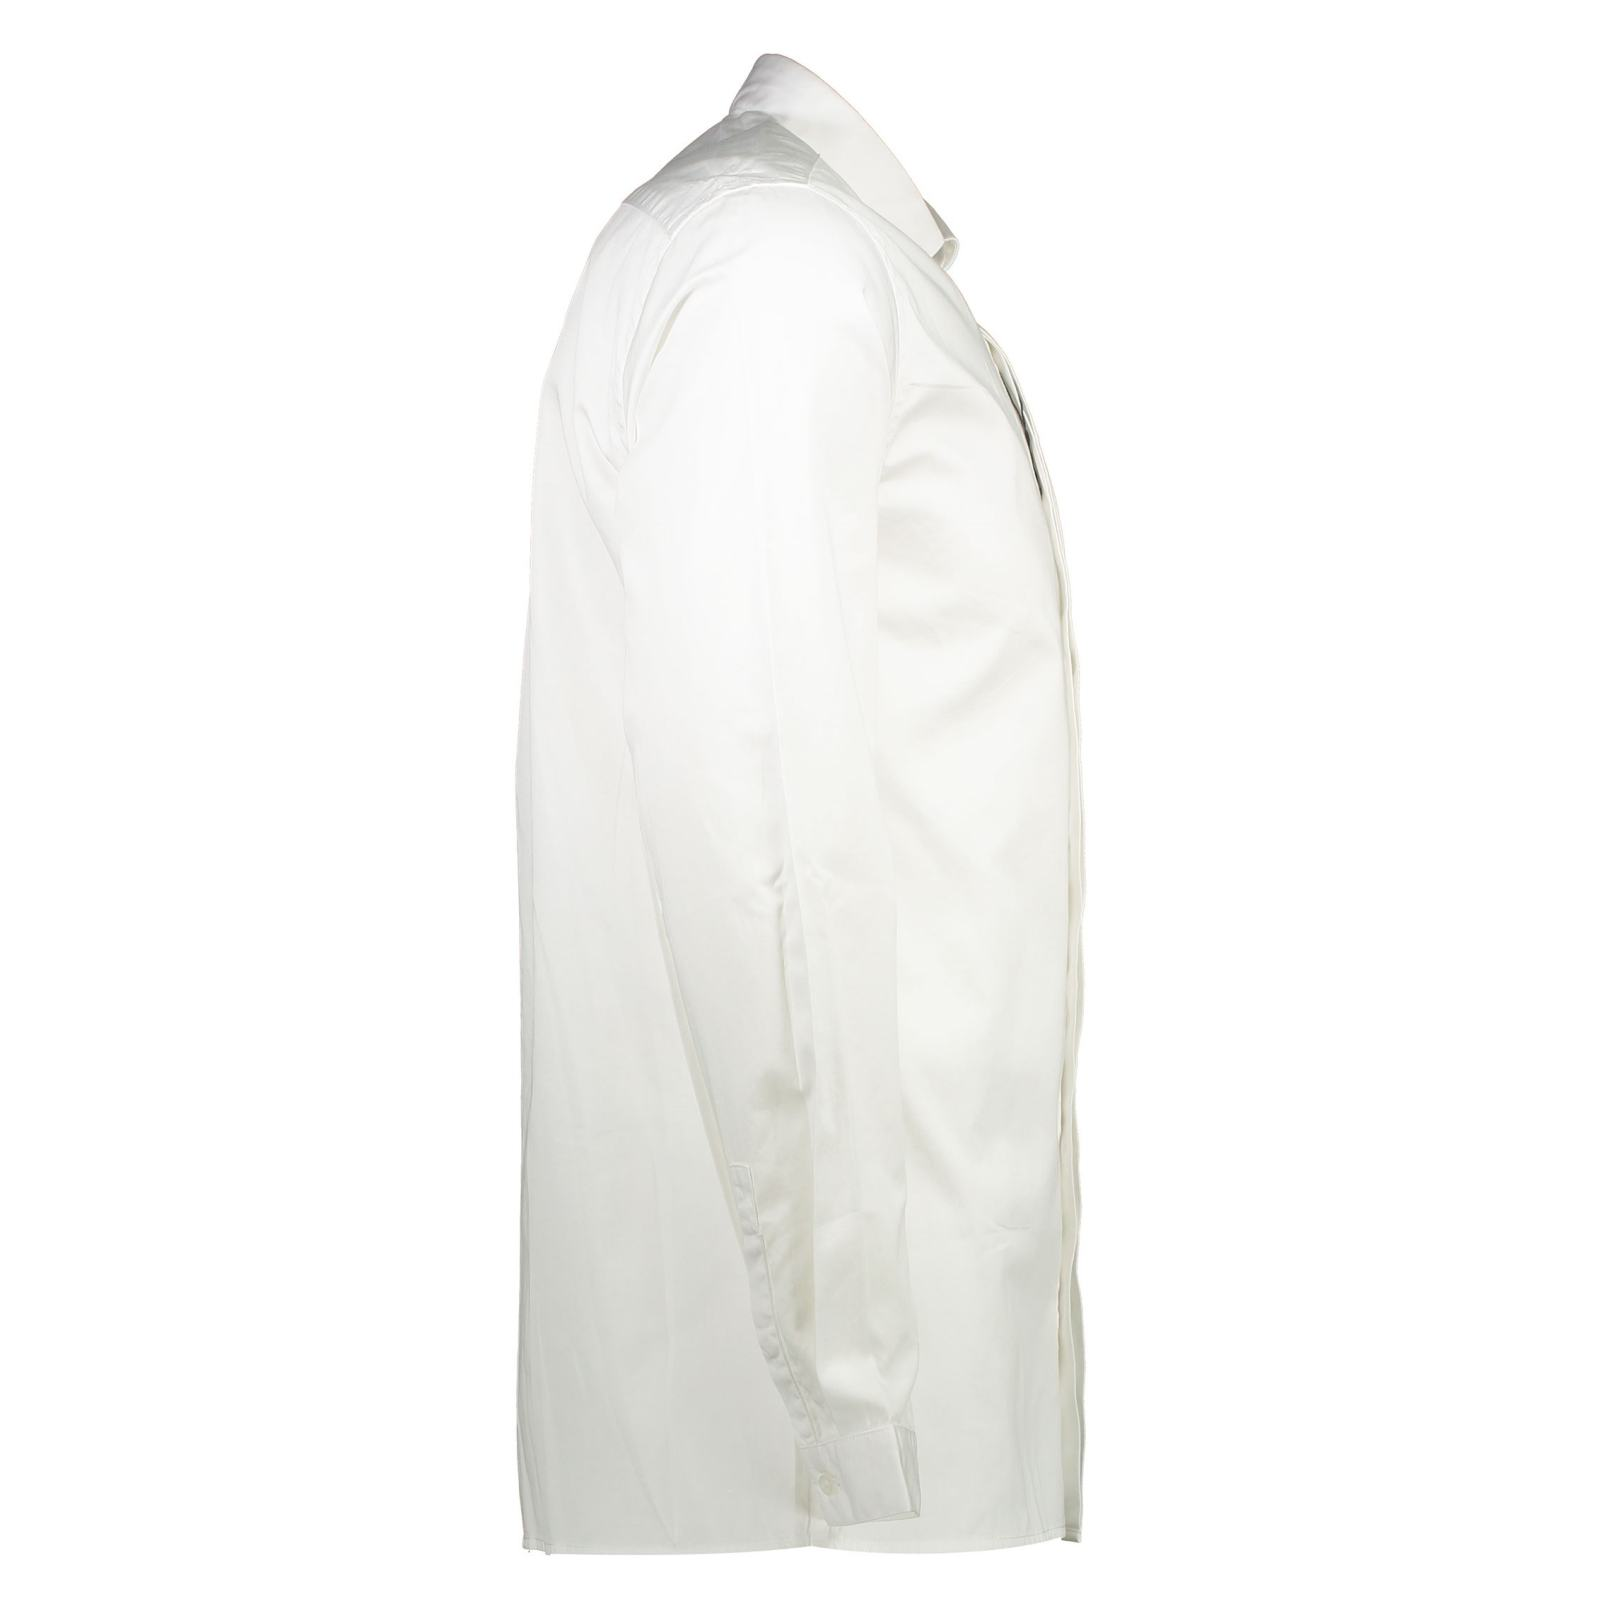 پیراهن نخی آستین بلند مردانه - مانگو - سفيد - 4